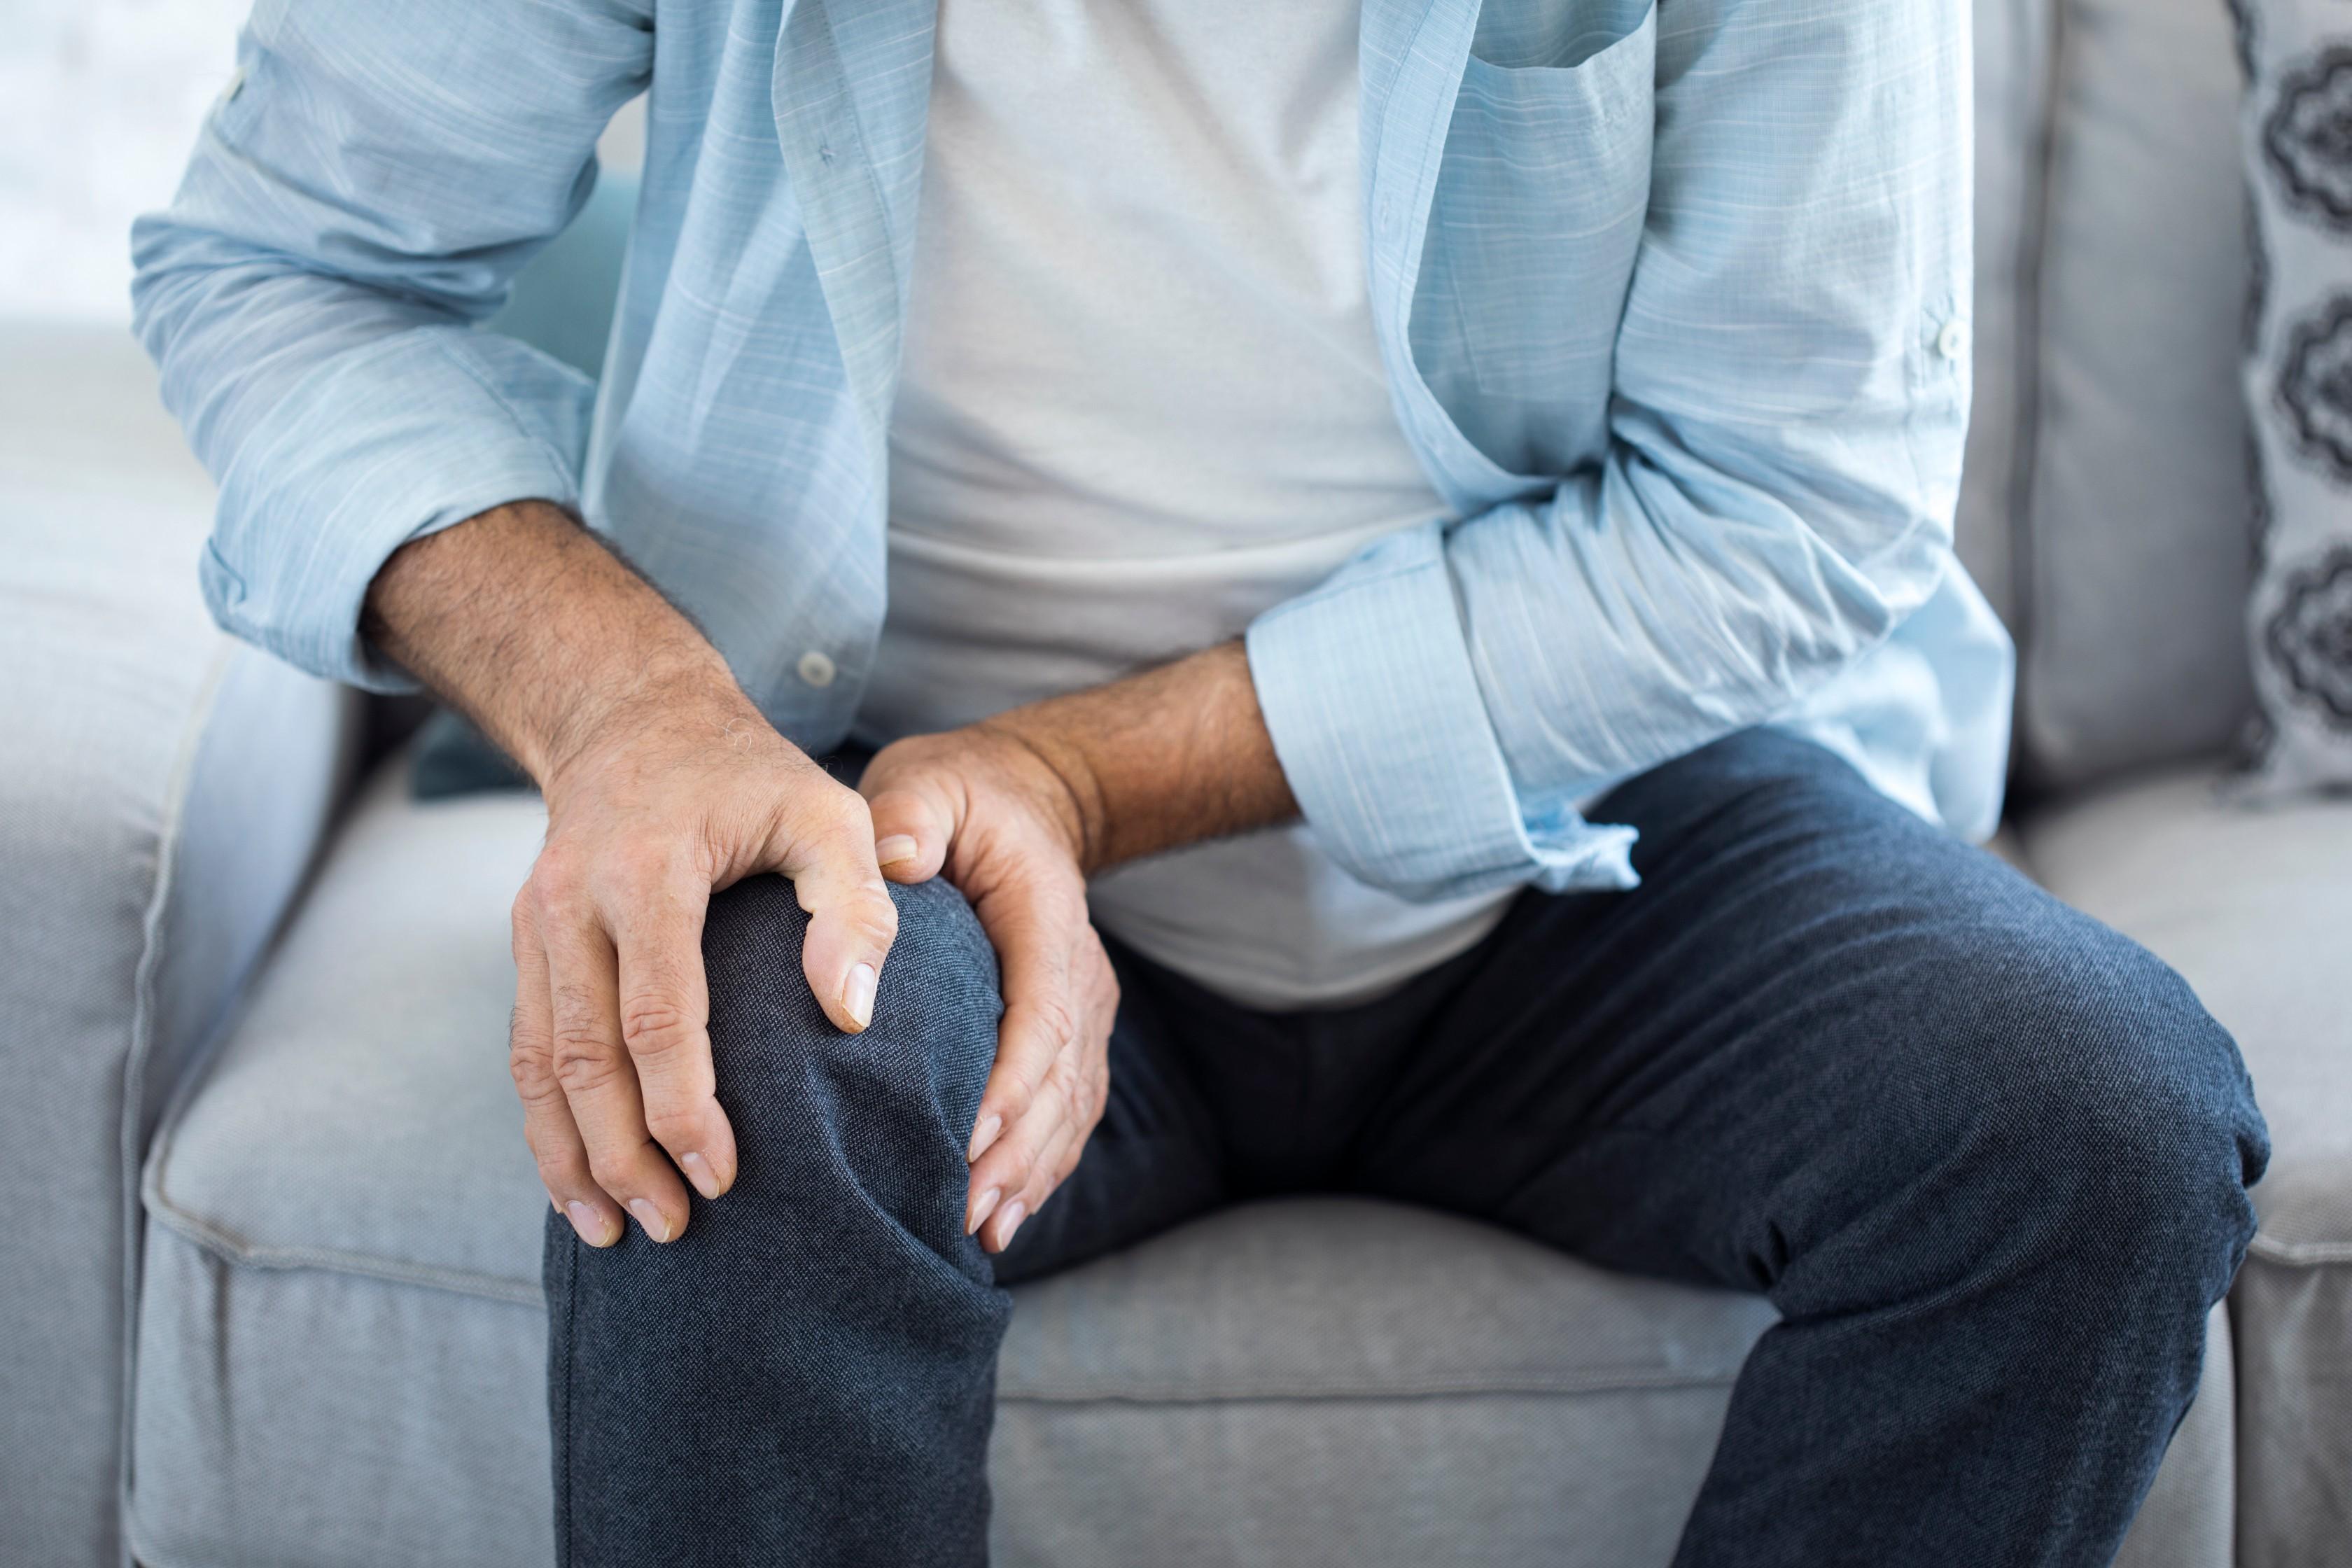 ízületi fájdalomkezelés melyik orvossal